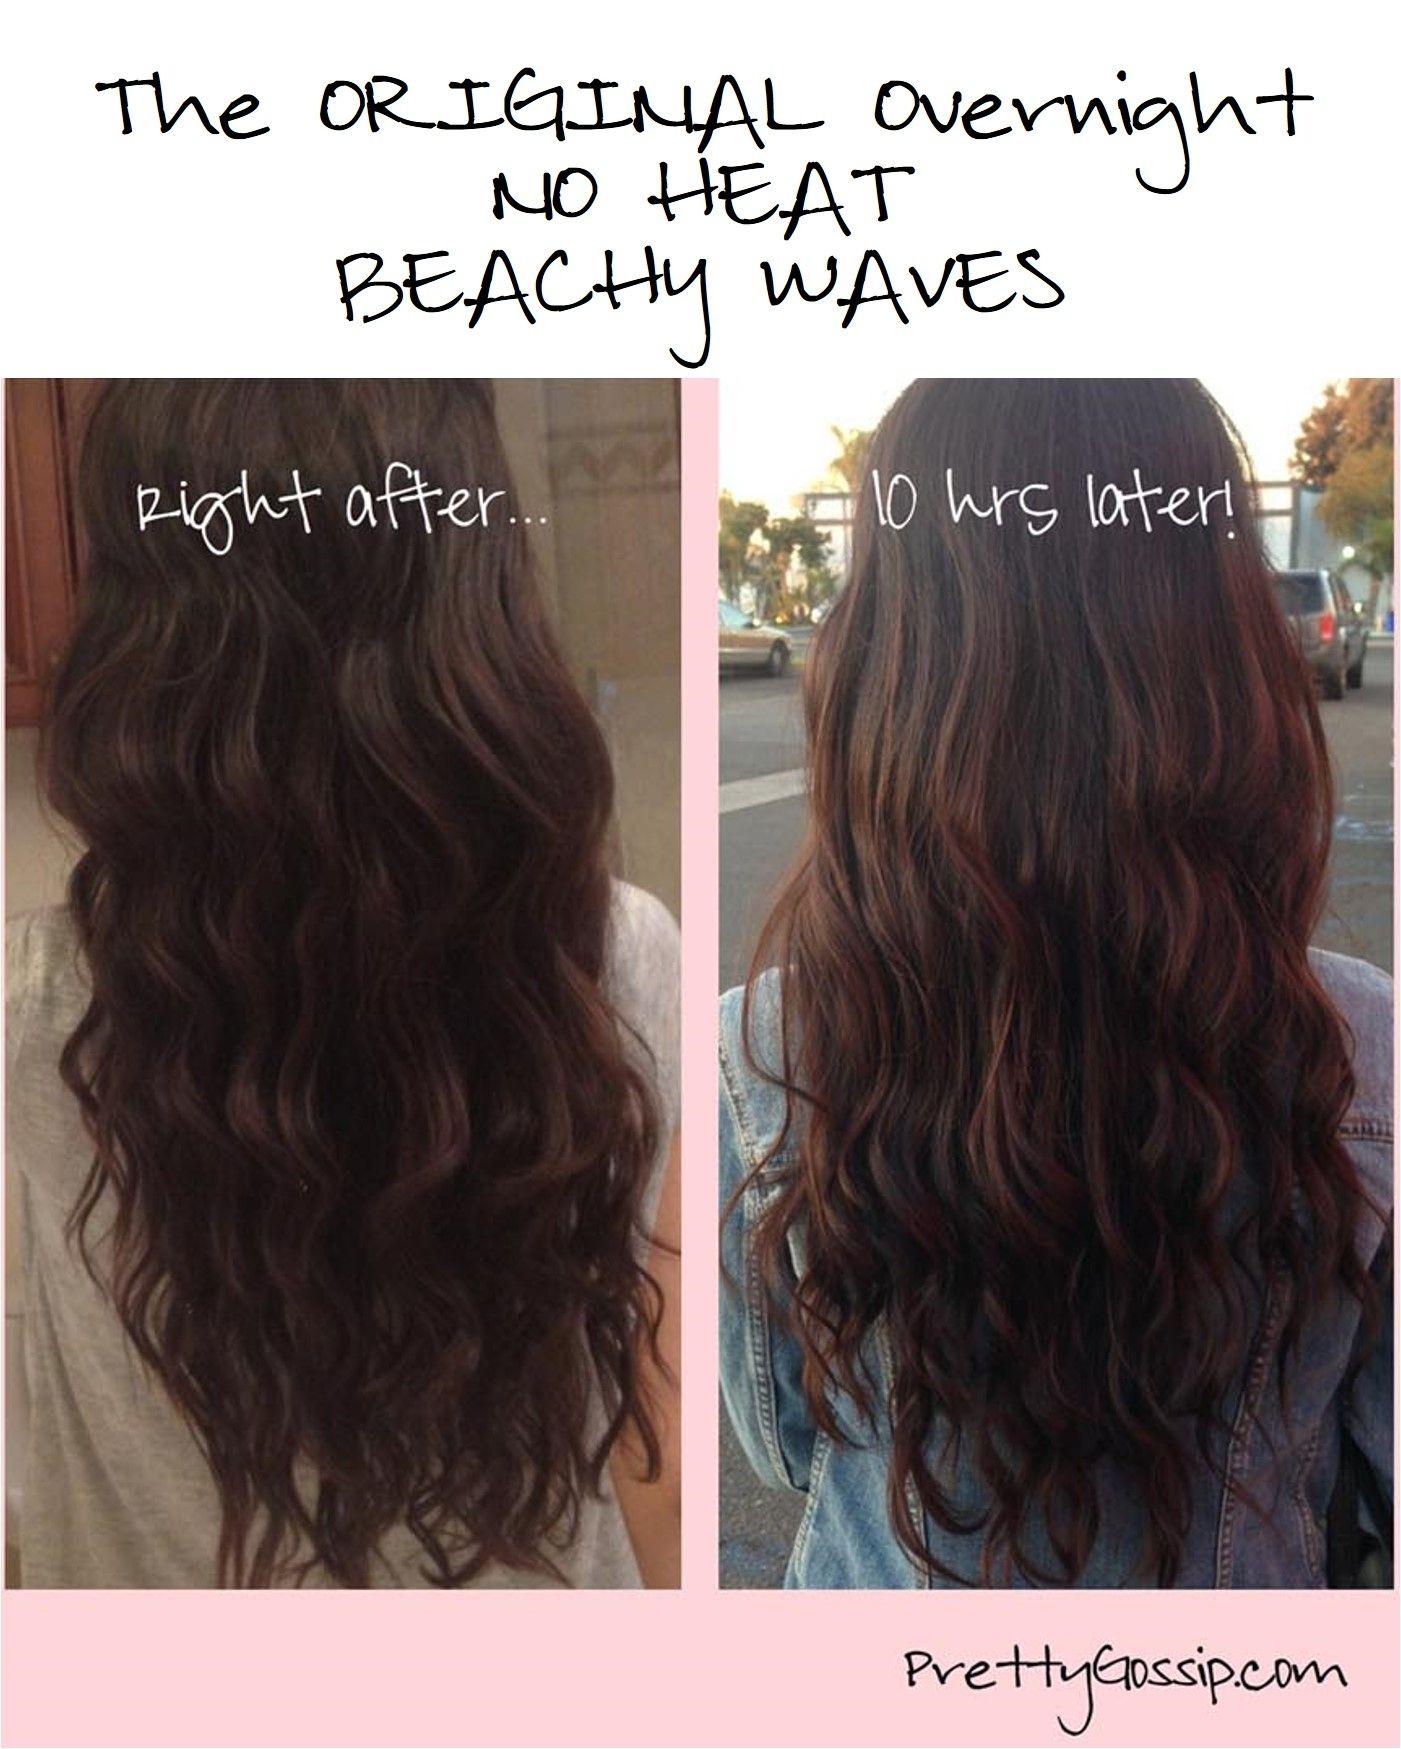 How To Keep Hair Straight Overnight Cuteandeasyhairstyles Net Wavy Hair Overnight Beach Waves For Short Hair Long Hair Waves